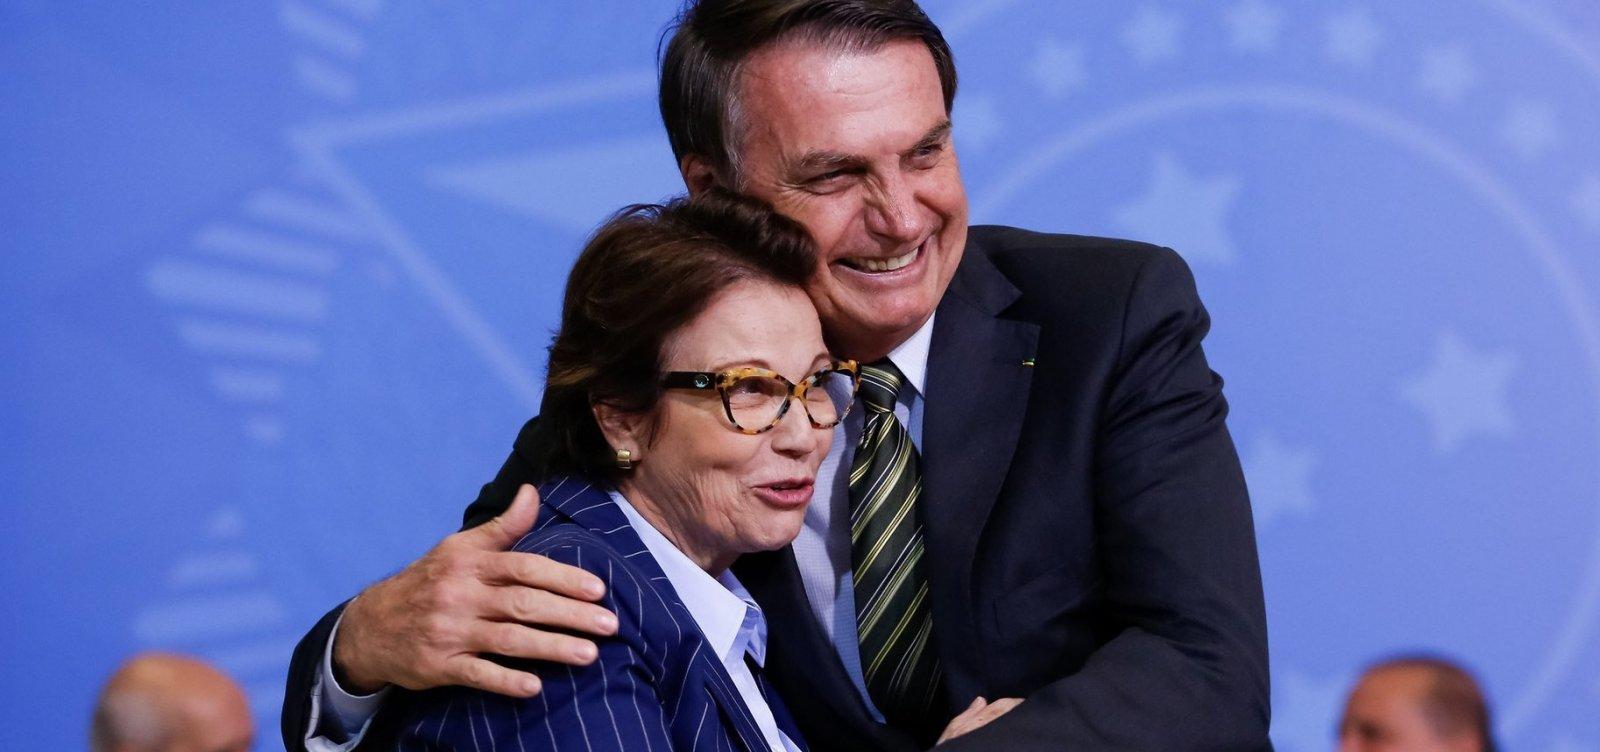 Ministra da Agricultura contradiz Bolsonaro: 'preço da carne não vai cair'